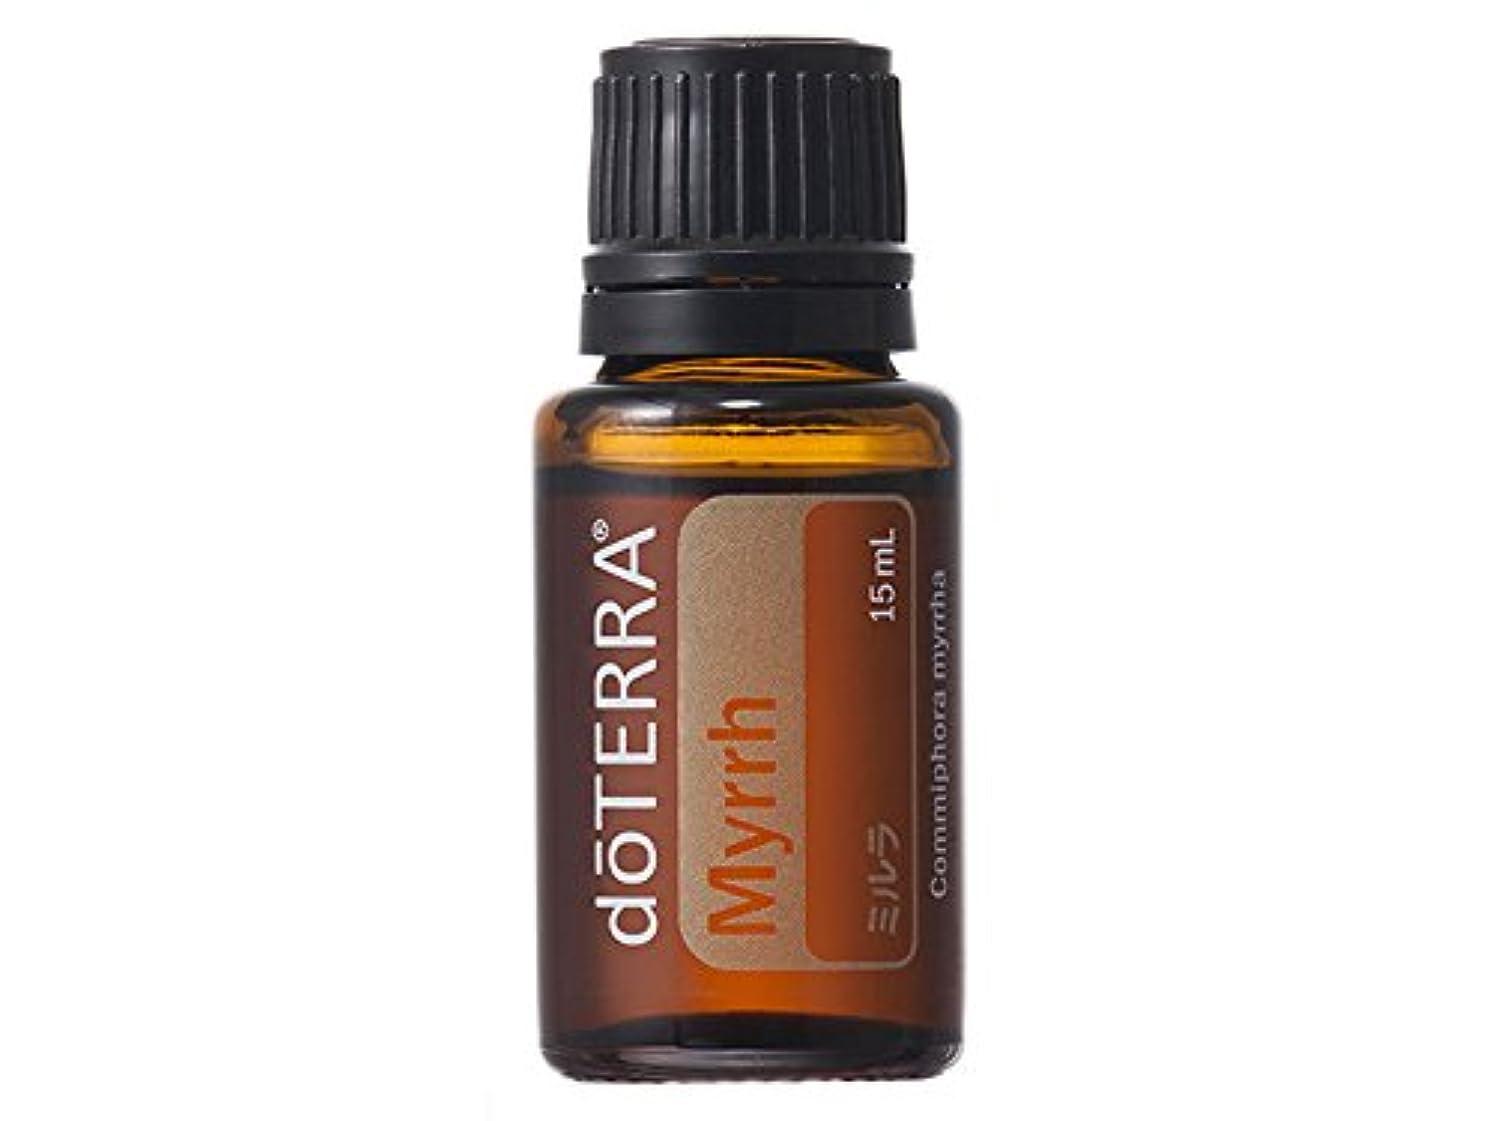 要求尊厳こっそりdoTERRA ドテラ ミルラ 15 ml アロマオイル エッセンシャルオイル シングルオイル 精油 樹皮系 没薬 もつやく